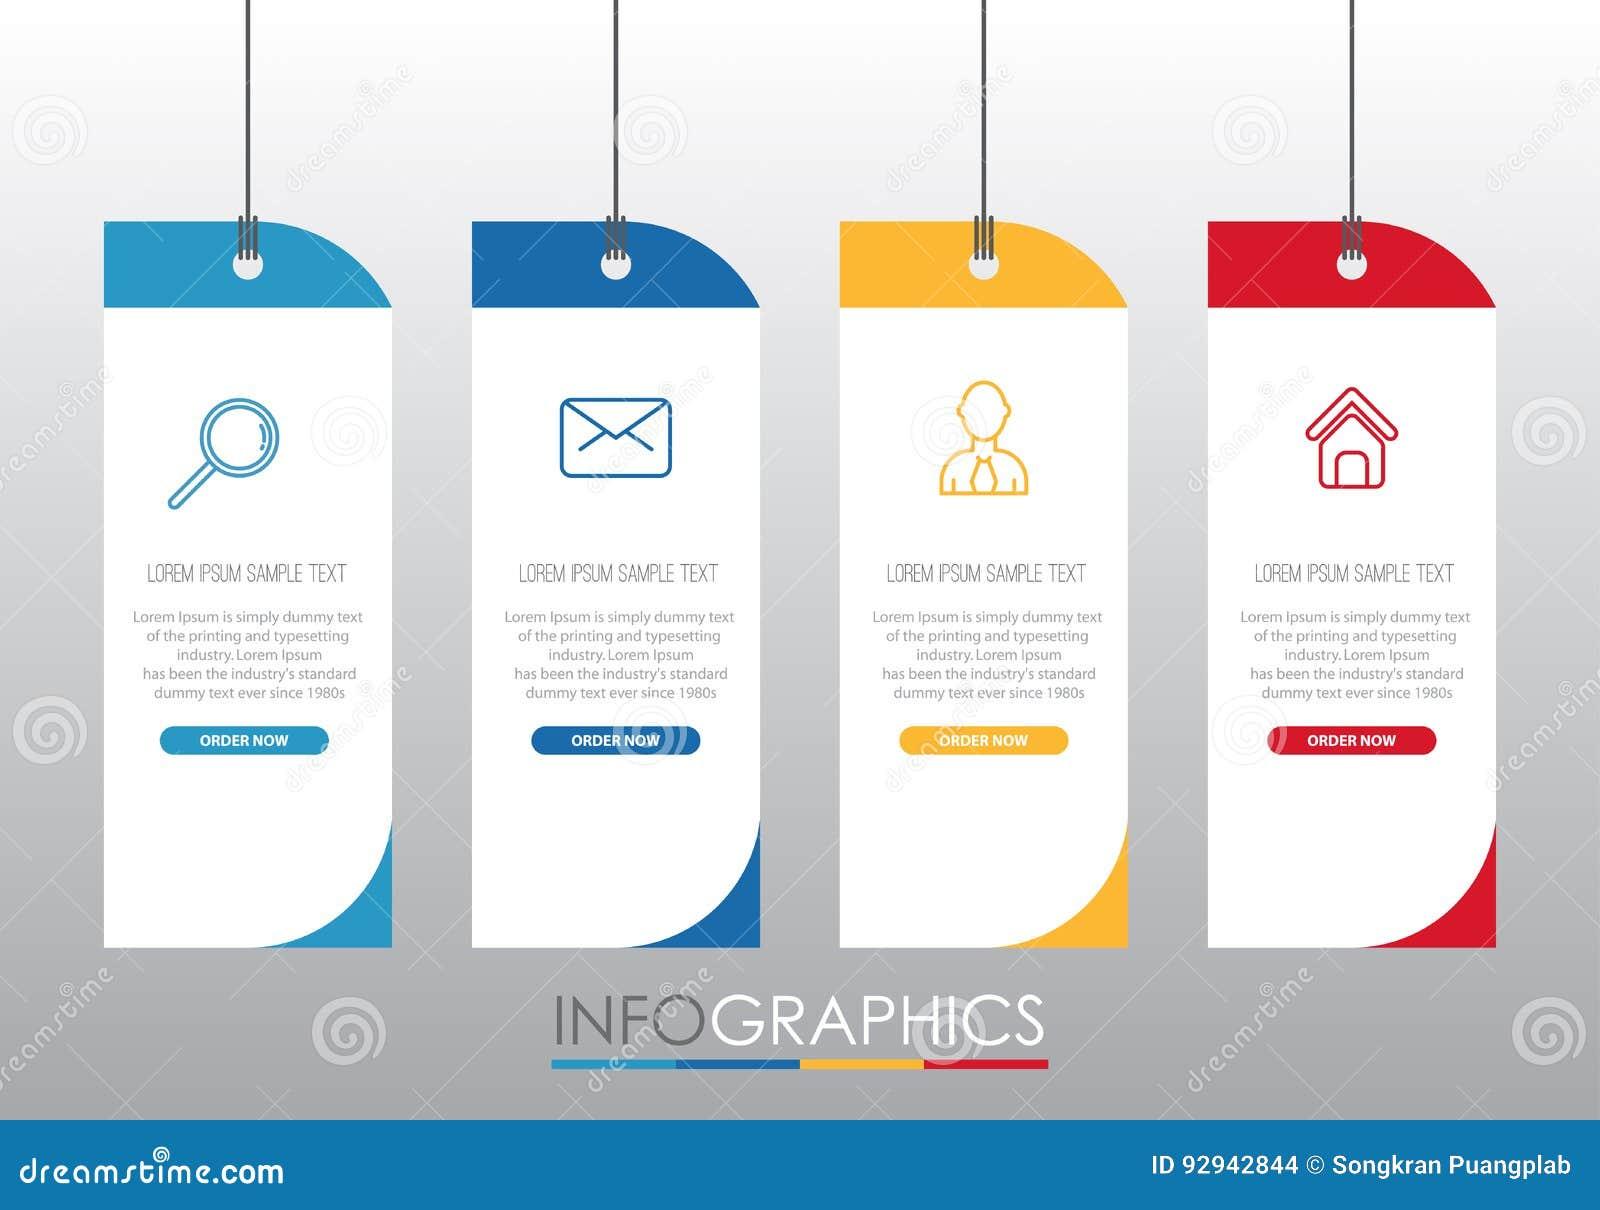 Современный шаблон Информаци-графика для дела с дизайном мульти-цвета 4 шагов, ярлыками конструирует, элемент информаци-графика в